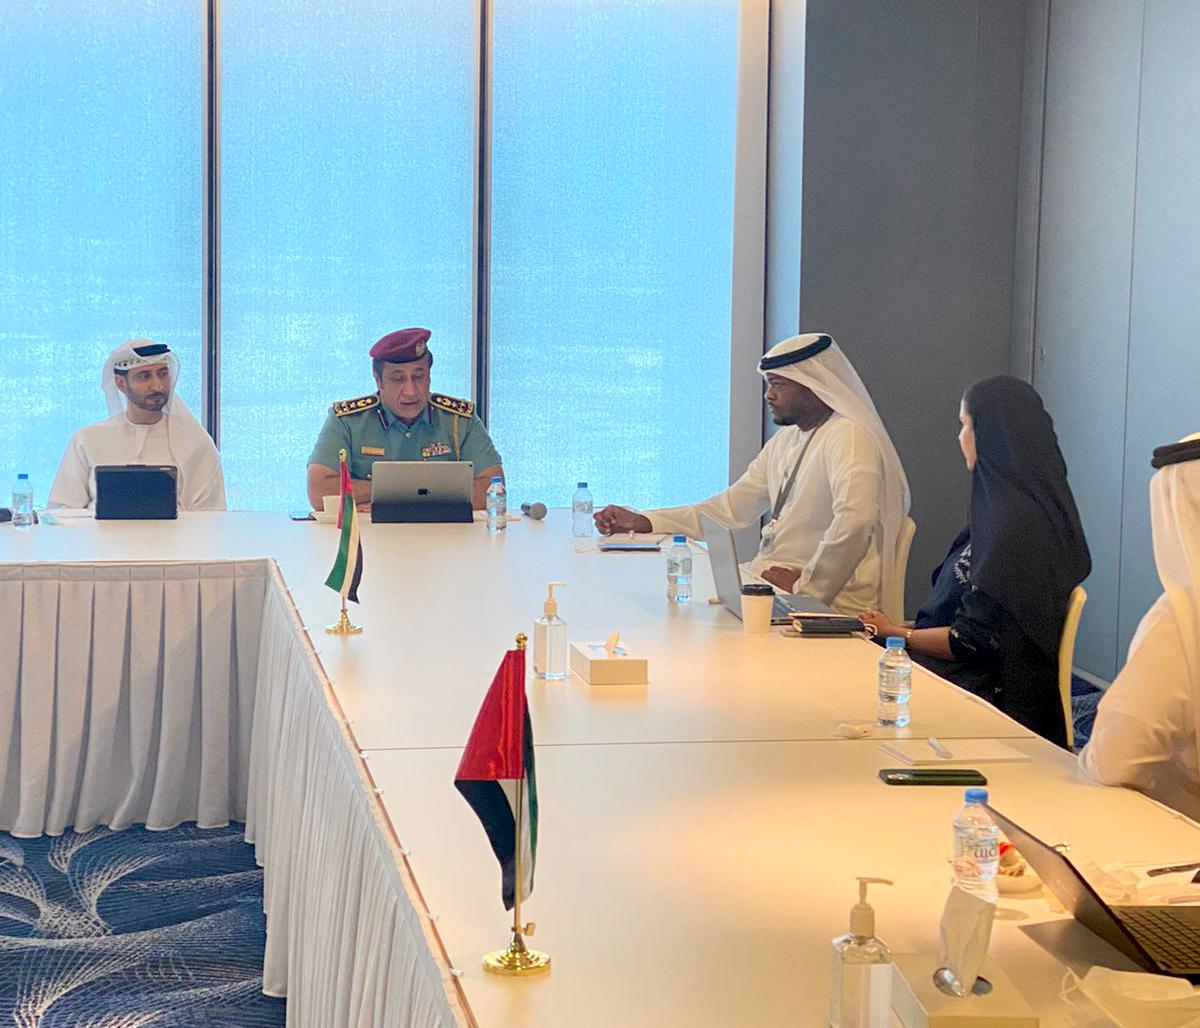 الأمانة العامة لمجلس التعاون تقدر جهود الإمارات في تعزيز فعالية منظومة مكافحة غسل الأموال وتمويل الإرهاب